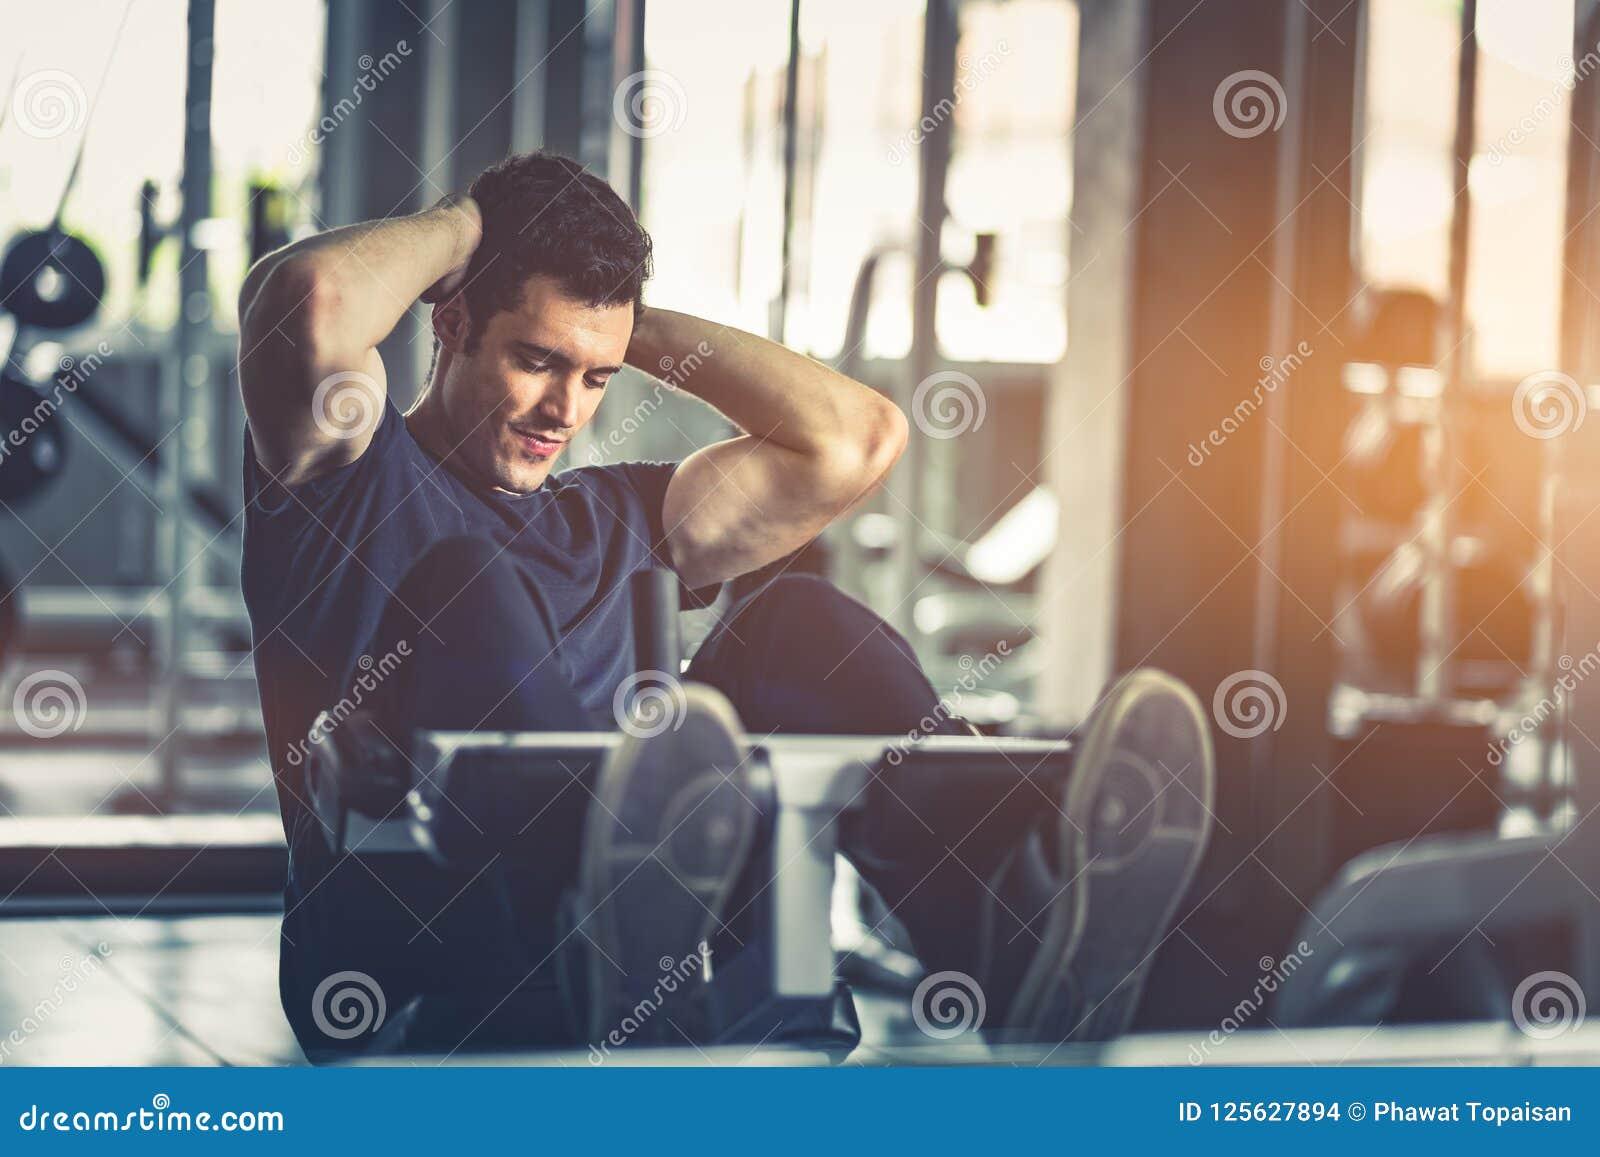 Concept Gymnastiek, Fitness, Gezonde Sport, Levensstijl De geschikte jonge mens zit UPS op machine in sportkleding